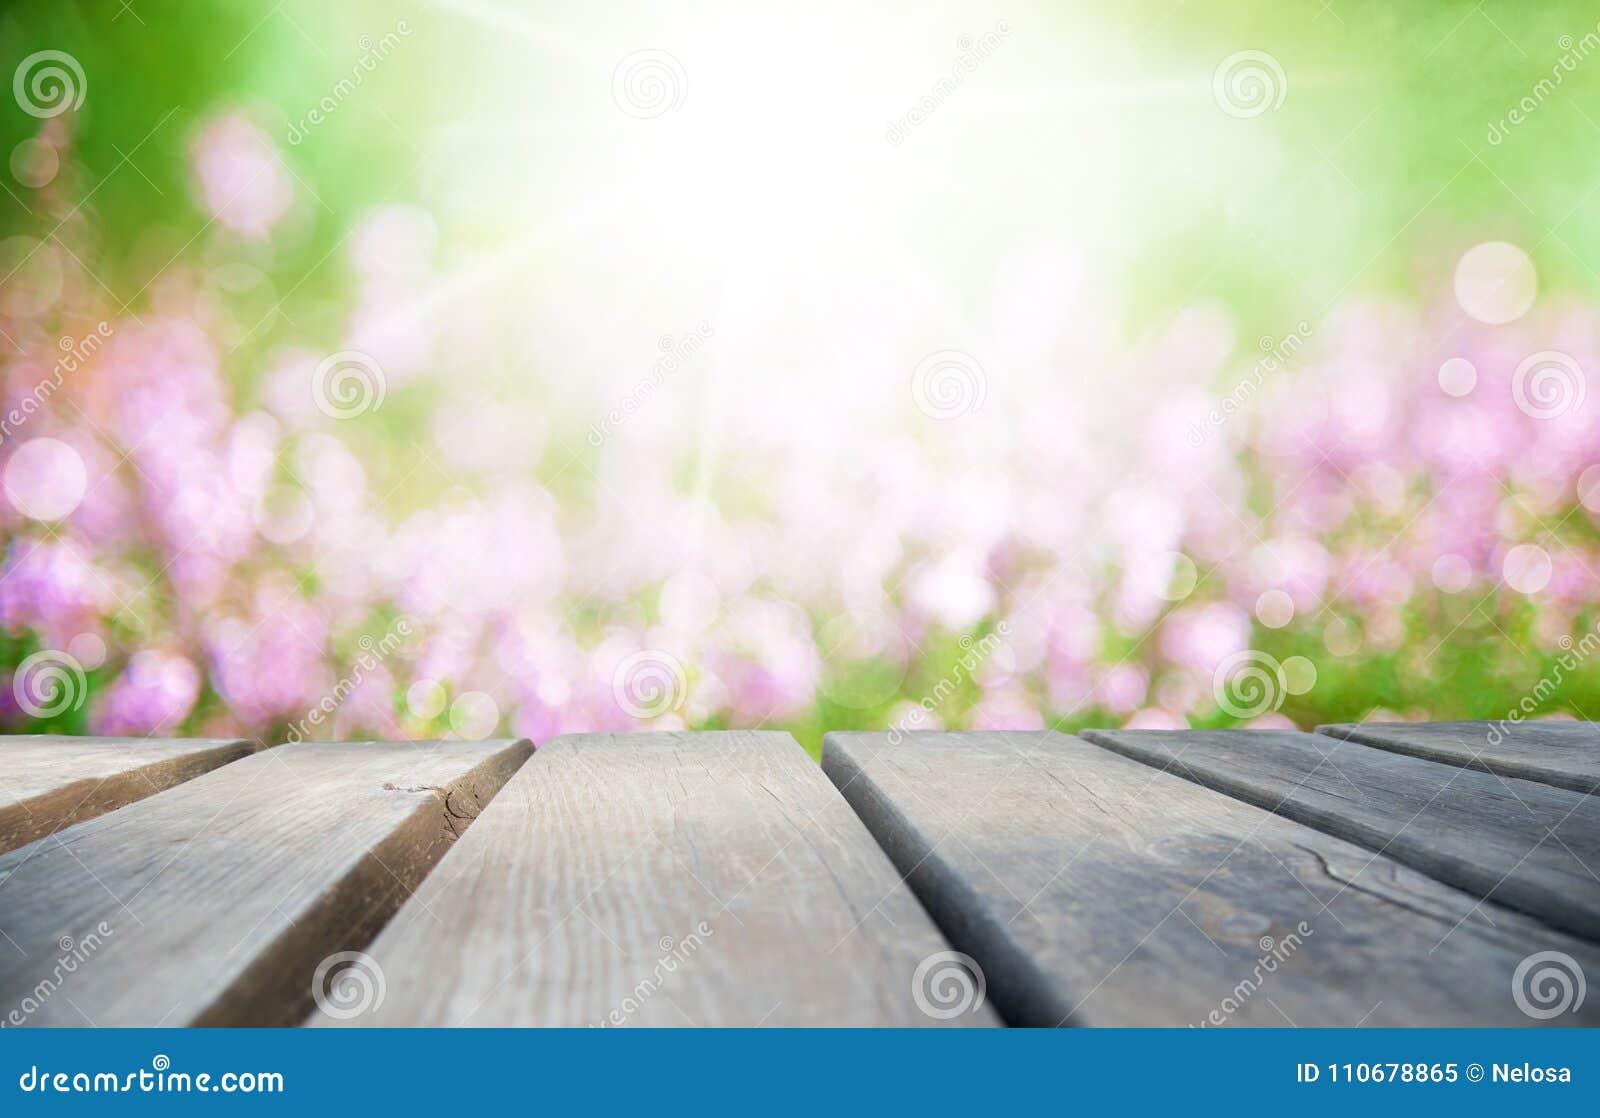 Деревянная доска с солнечным полем цветка Эрики как предпосылка